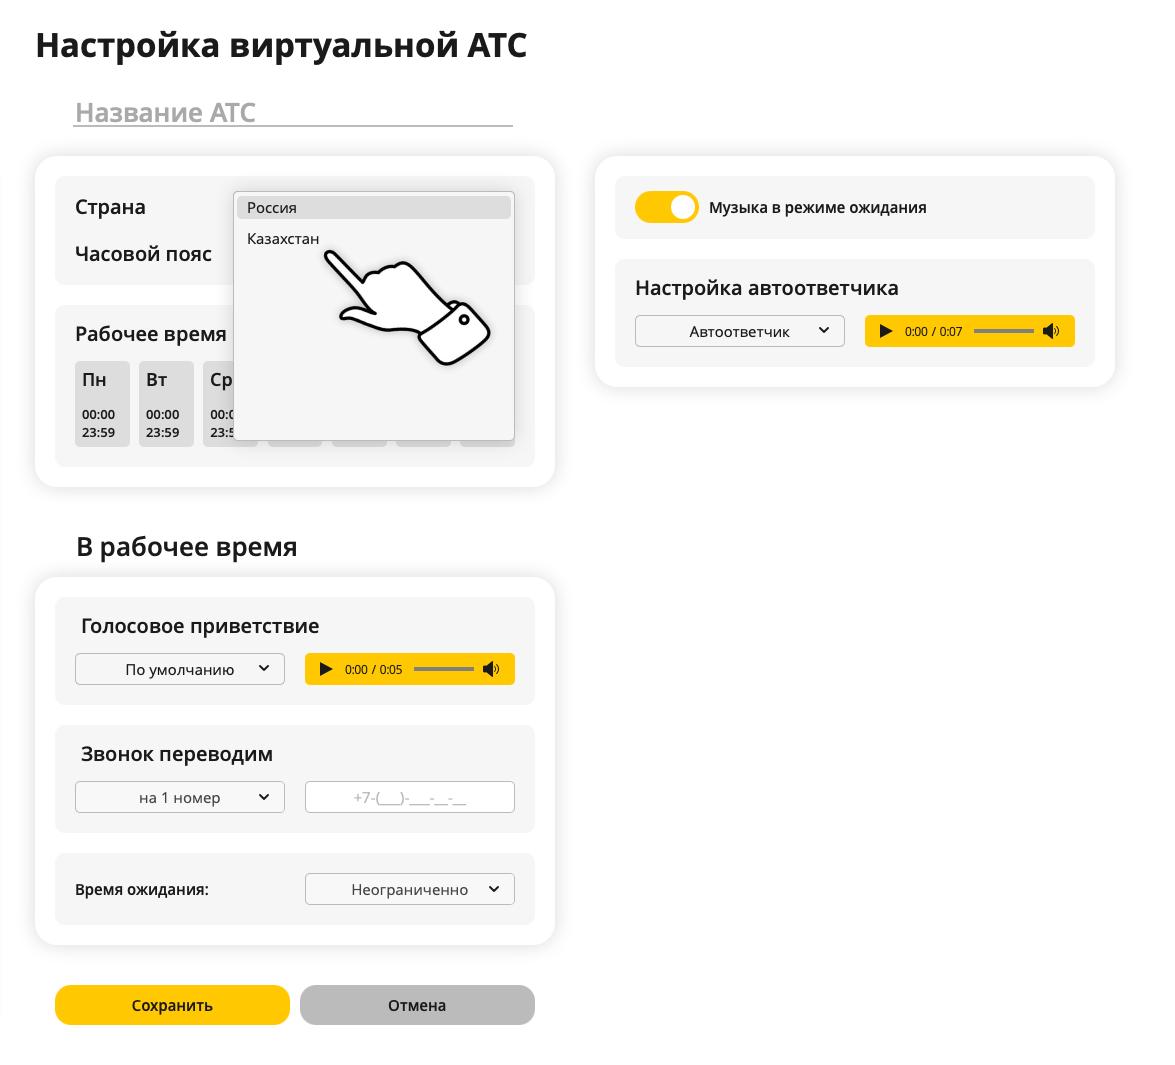 Как настроить коллтрекинг в Казахстане